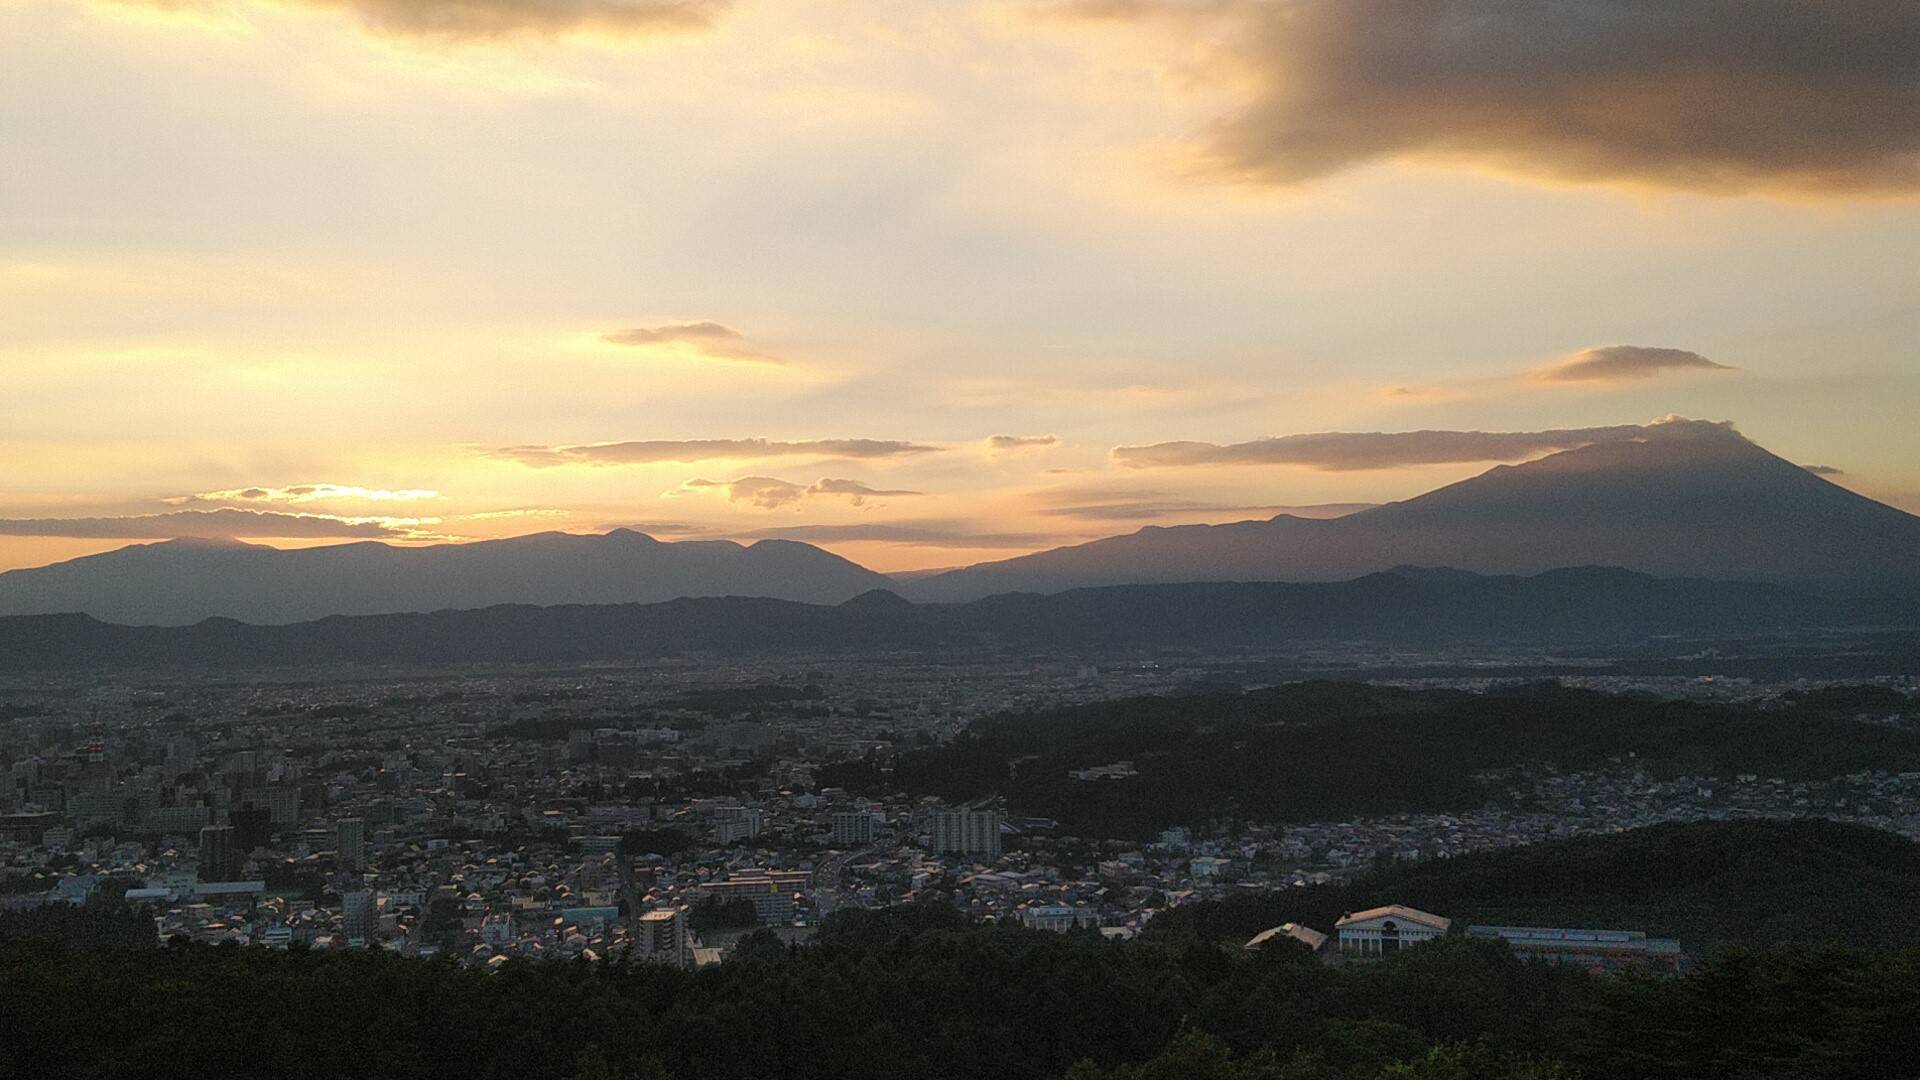 岩山から臨む岩手山の夕日